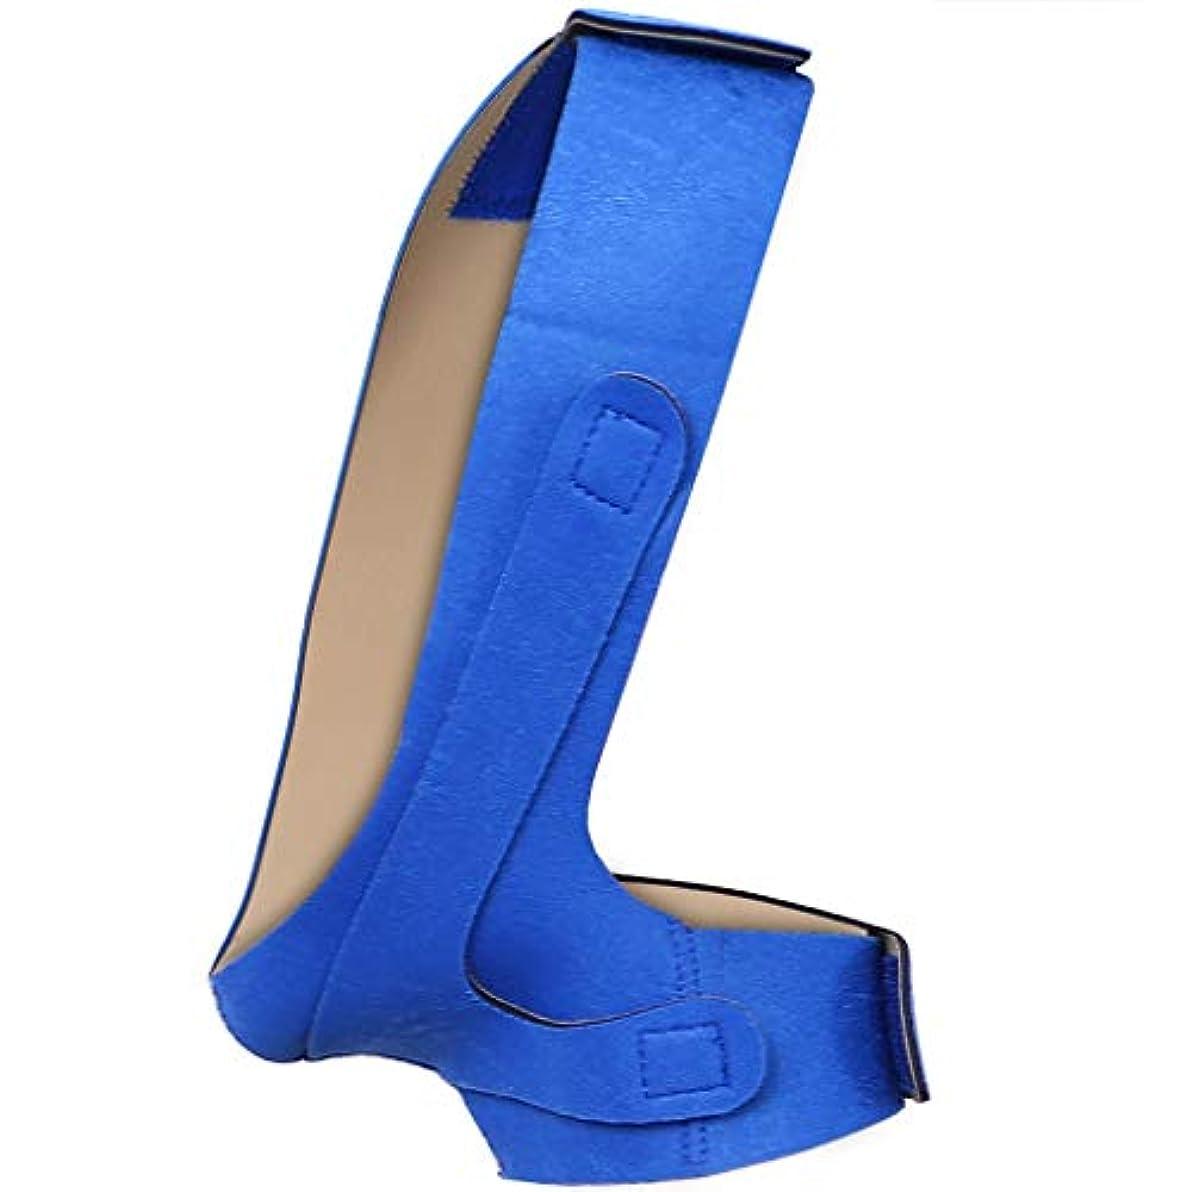 ライム針キャメルJia He 軽量 アンチリンクルフェイス二重あごビームフェイスベルトを持ち上げる薄い顔ベルト、通気性睡眠包帯Vフェイスアーティファクト ## (Color : Blue)